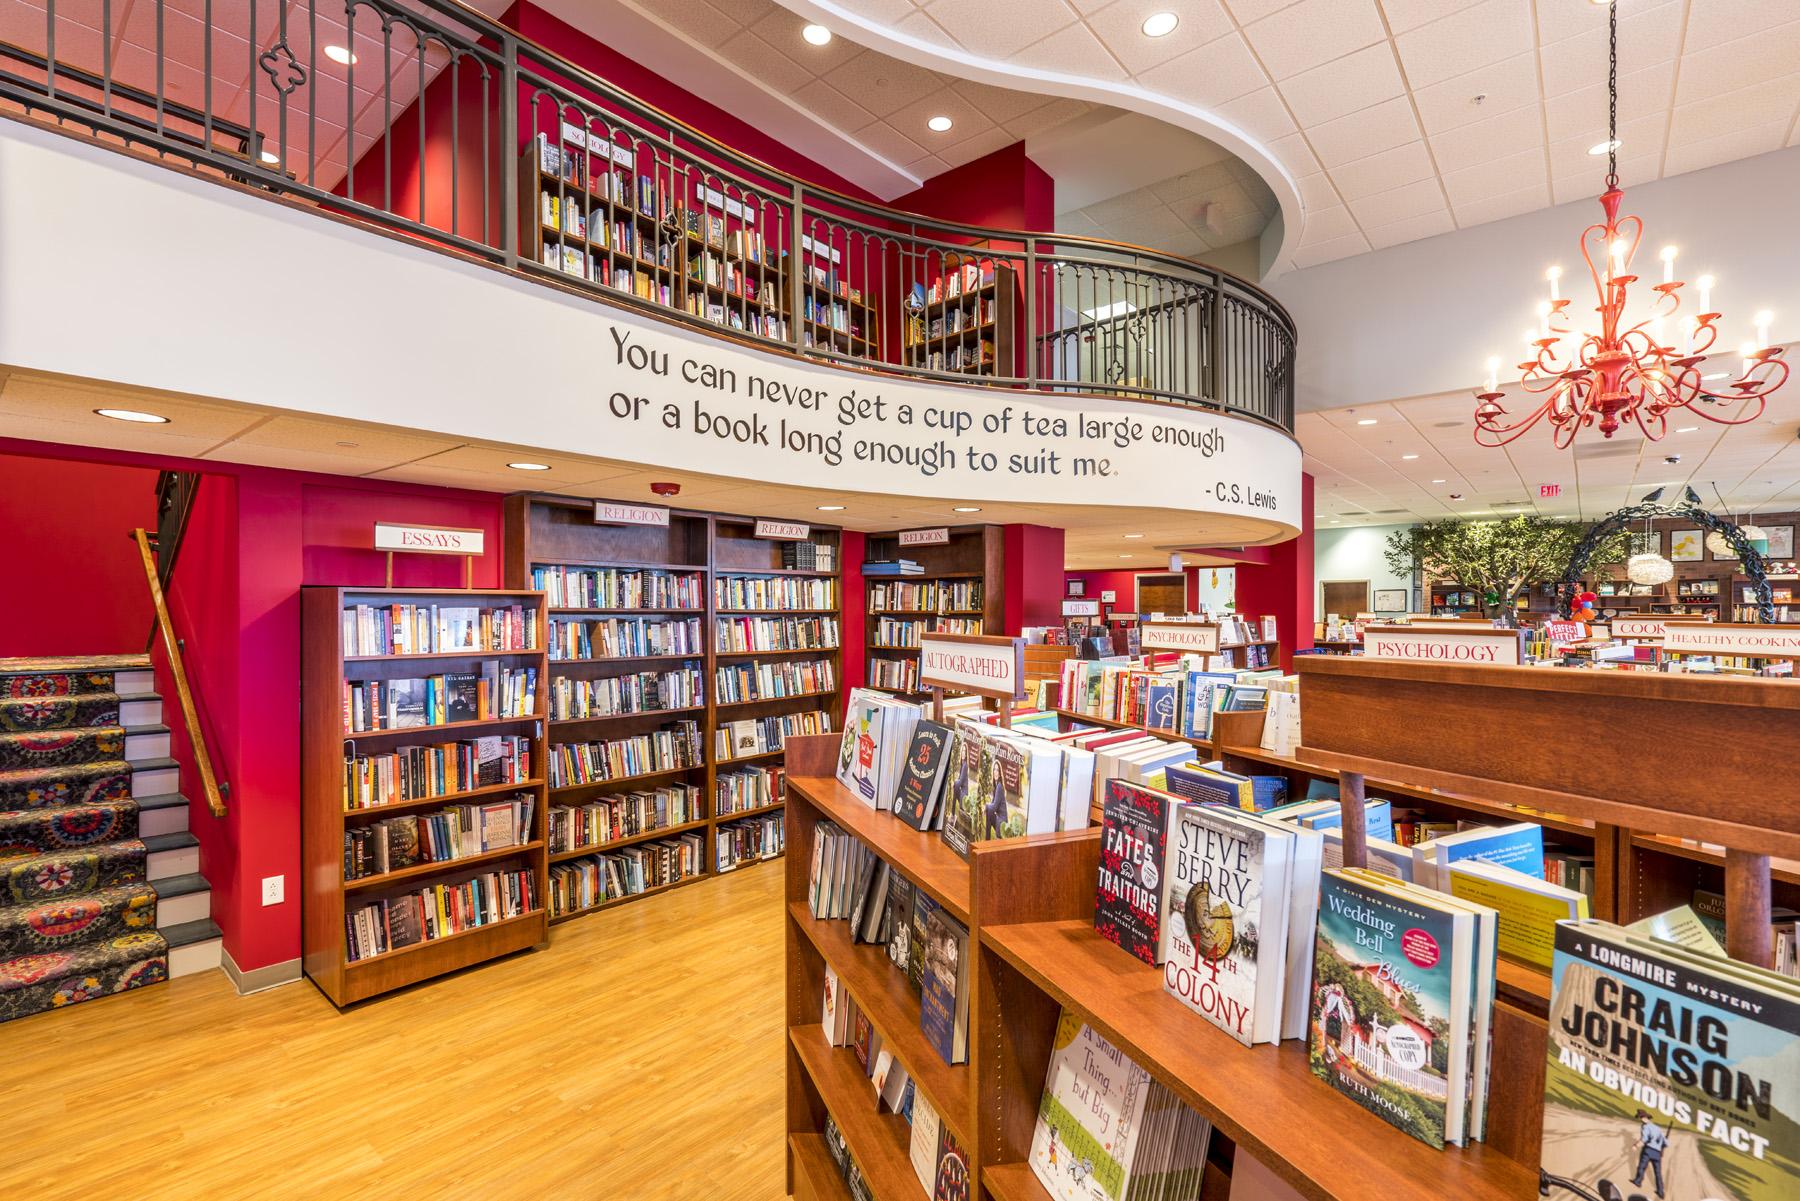 QUAILRIDGE BOOKSTORE - RALEIGH, NCXX SF•XX